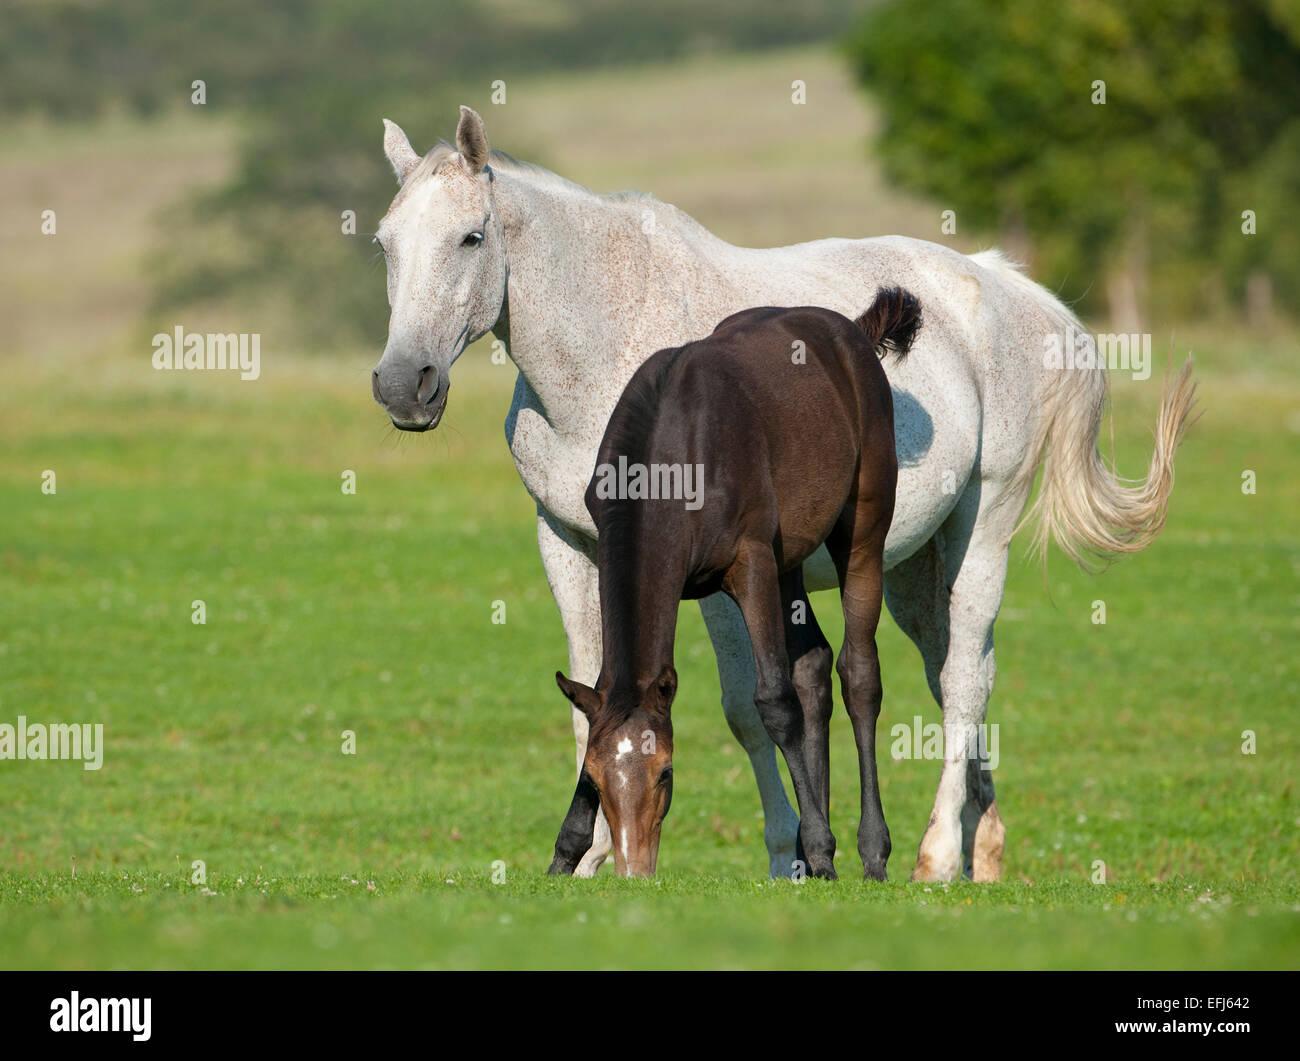 Cavalli, bianco mare e un puledro con un mantello nero, Turingia, Germania Immagini Stock